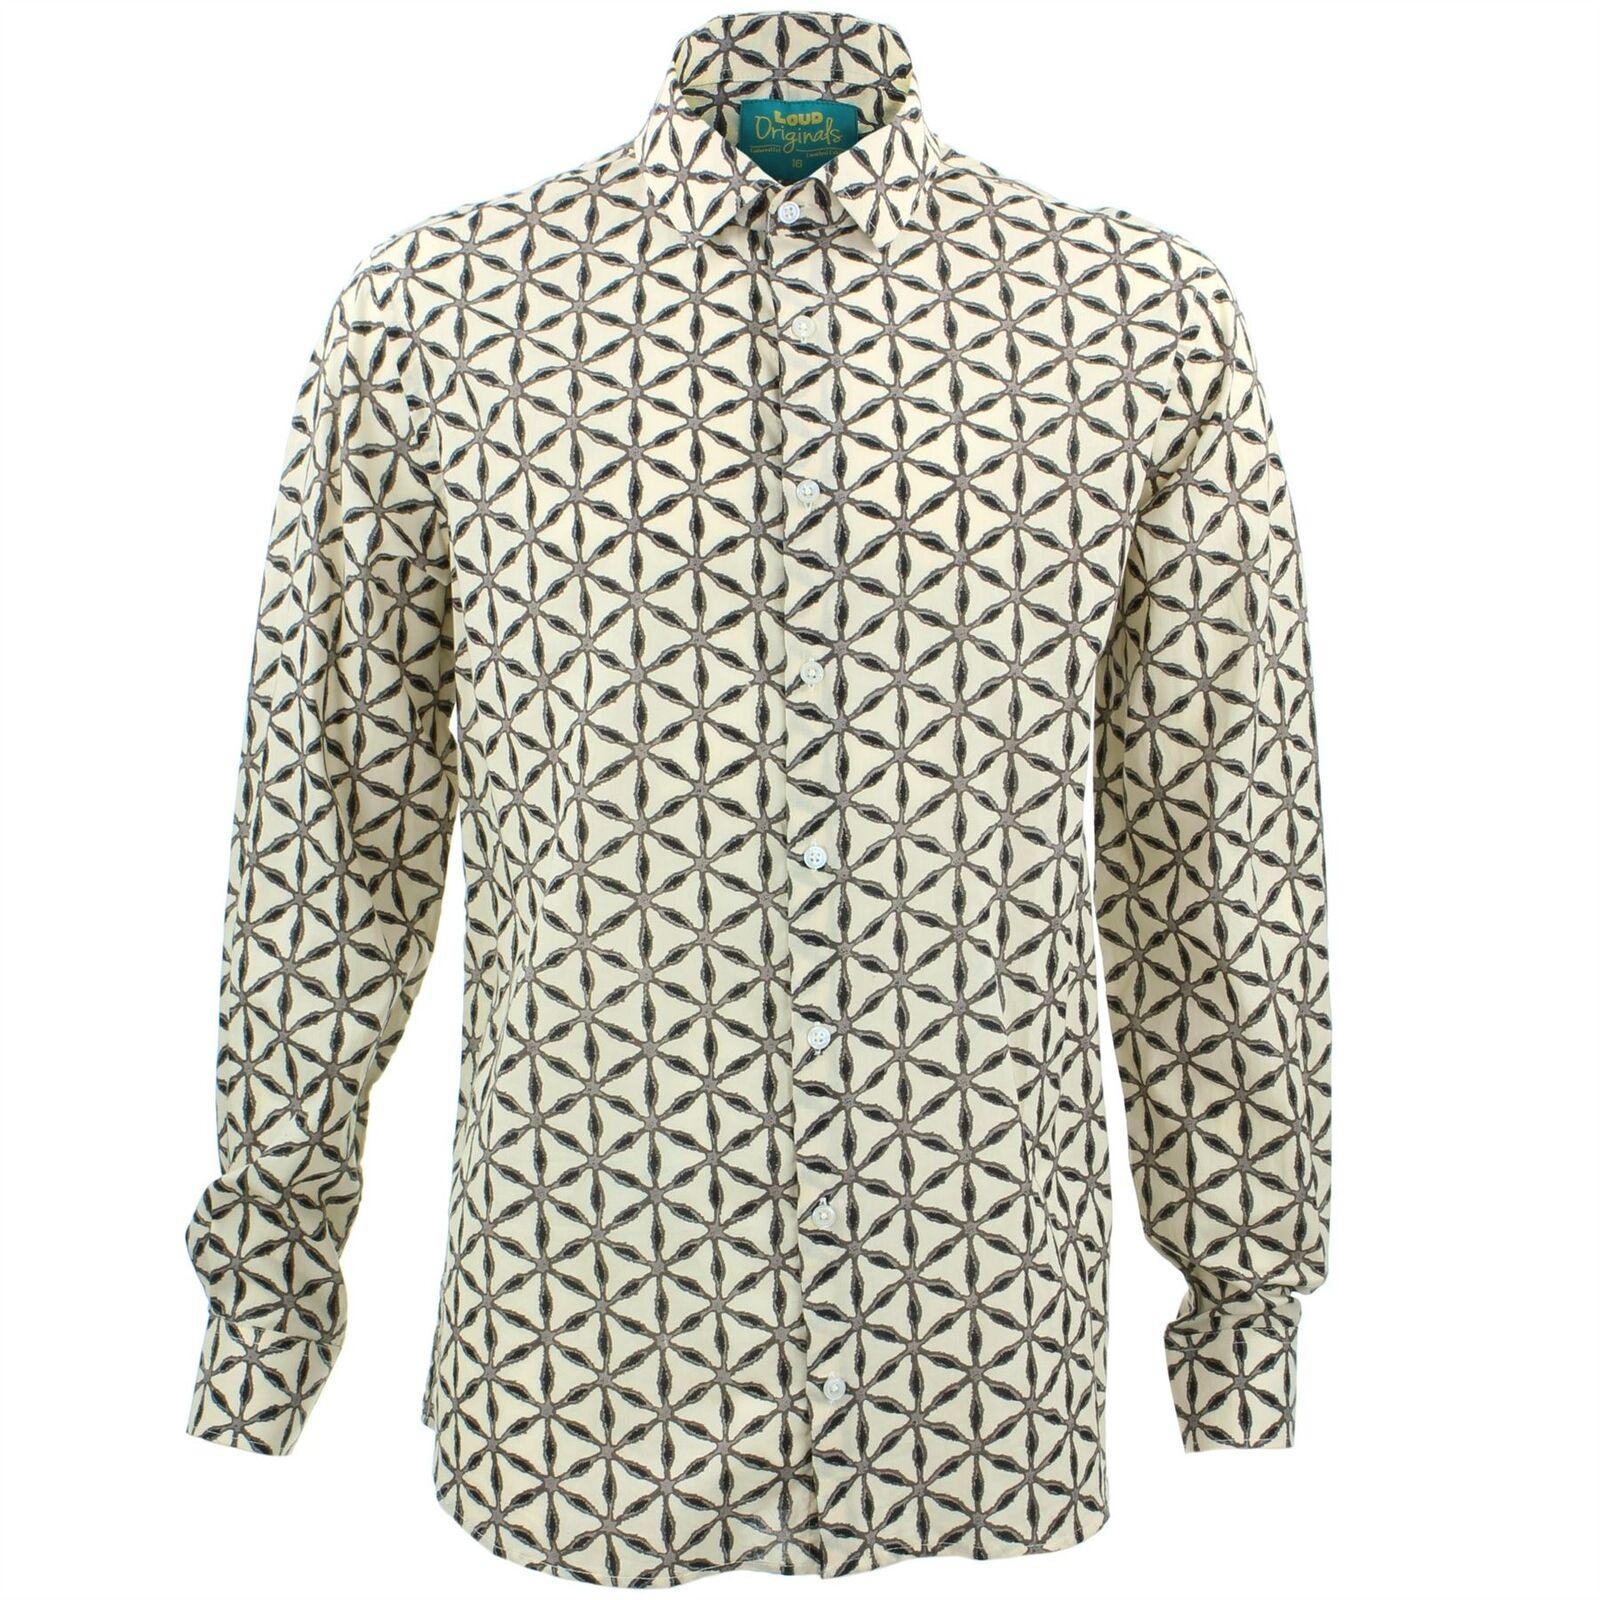 Camicia da uomo Loud ORIGINALS fatto su misura GEODESIC GIALLO Rétro